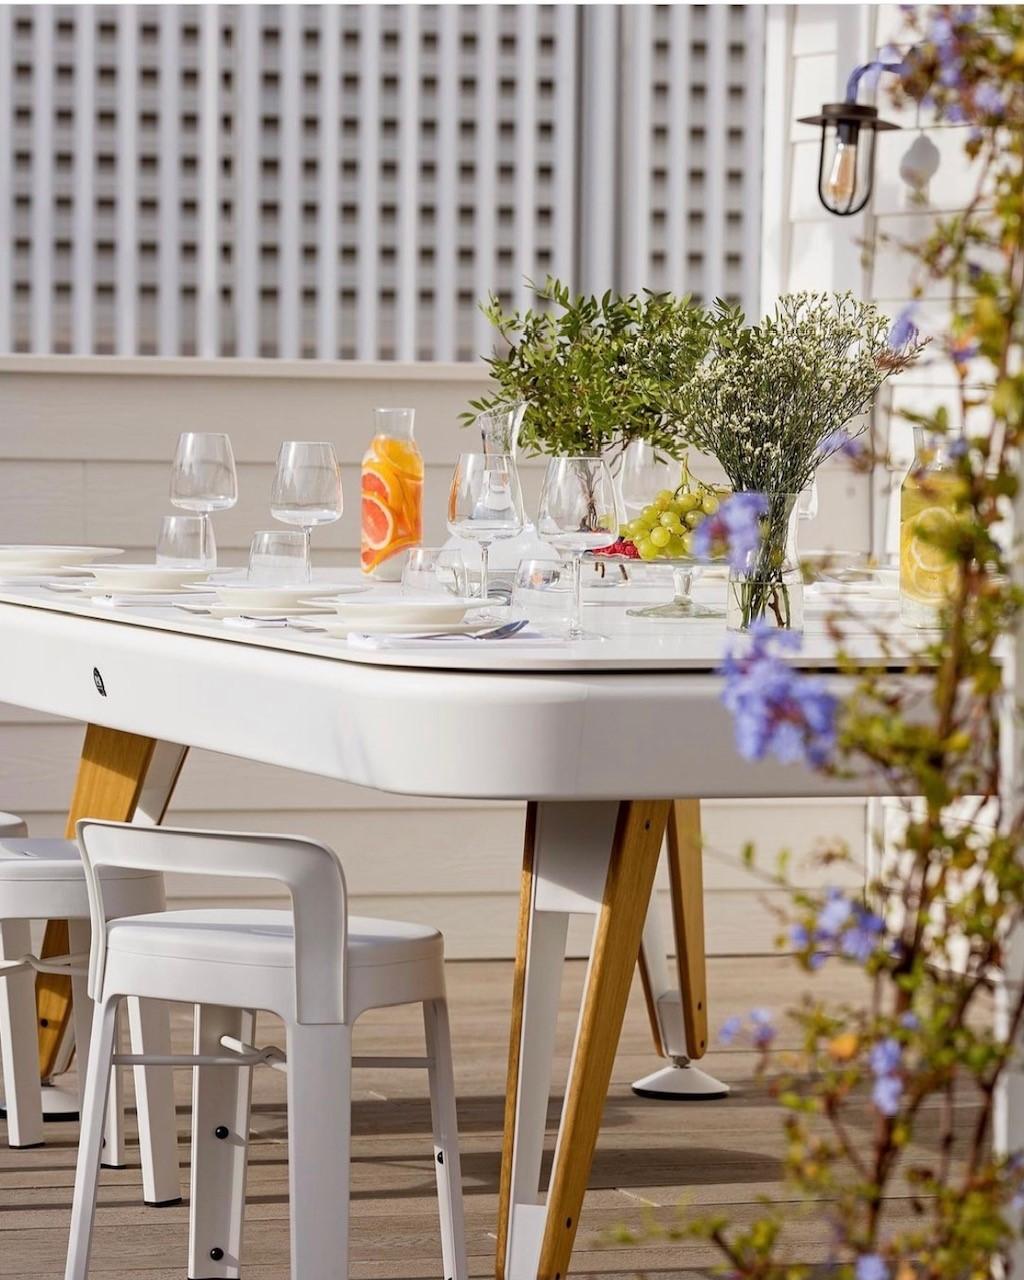 """Billardtisch """"Pool"""" - Design Diagonal American 7Fuss Outdoor von RS Barcelona"""